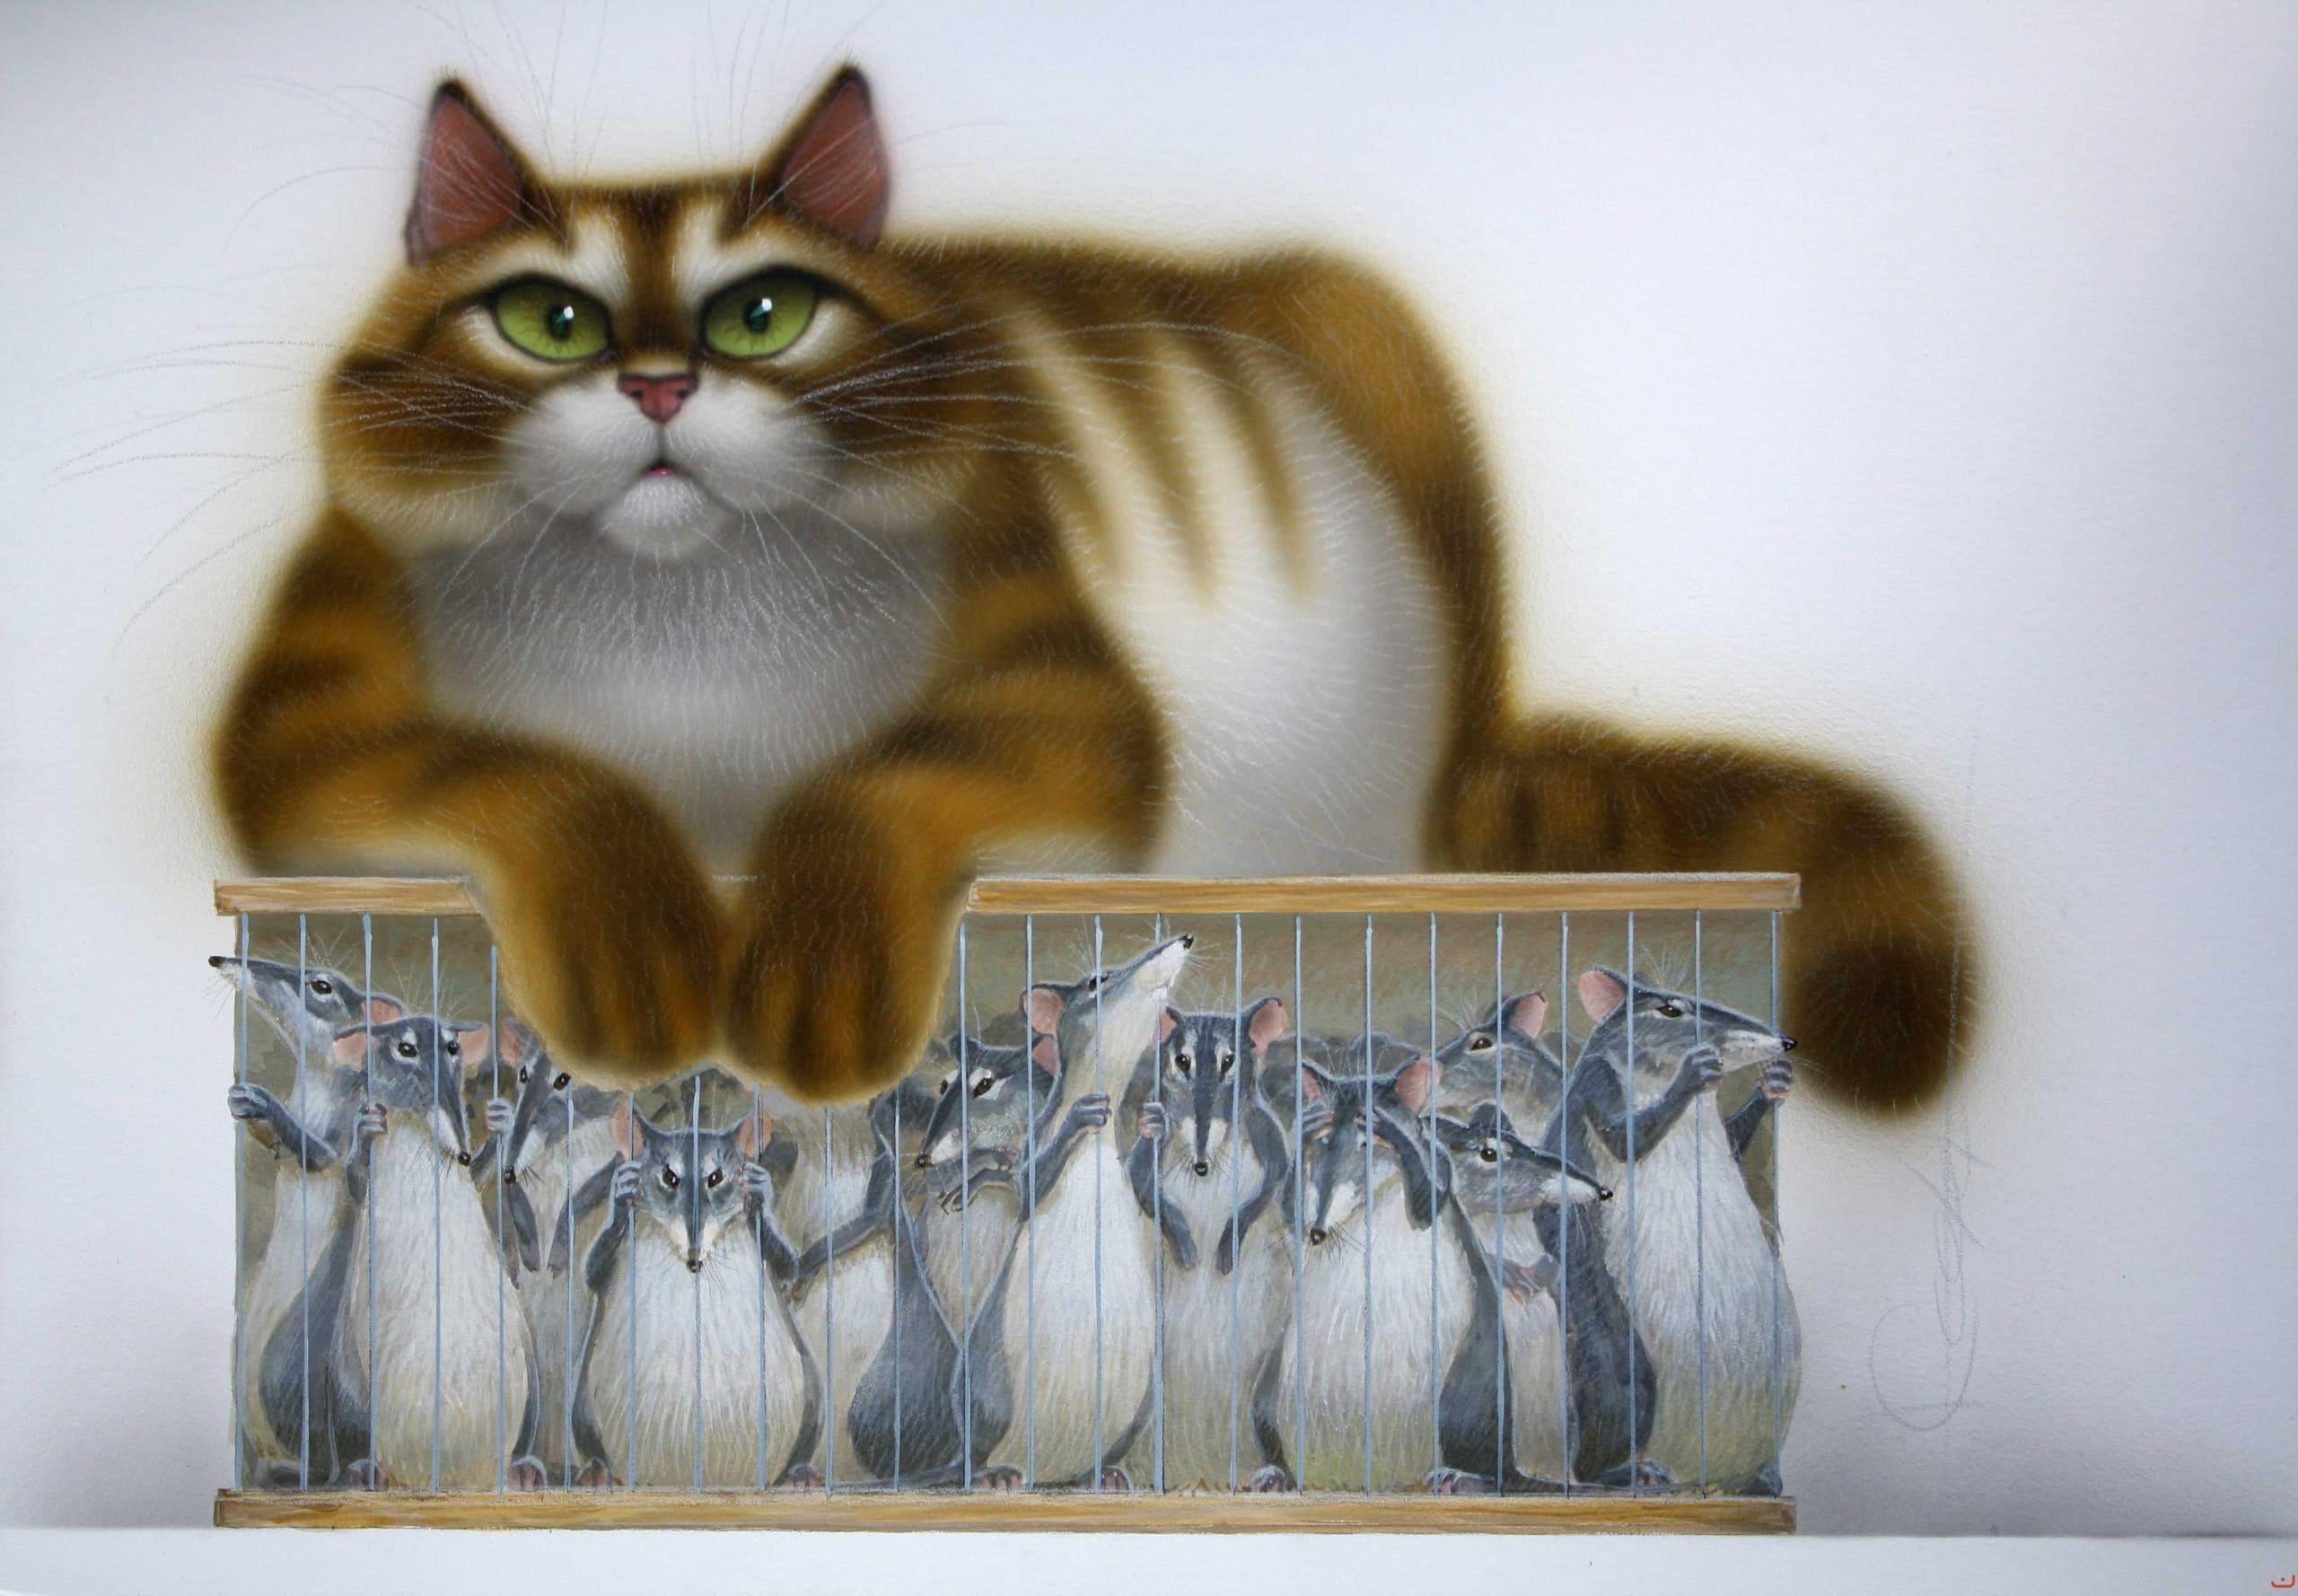 Прикольные картинки рисунки кошек, день